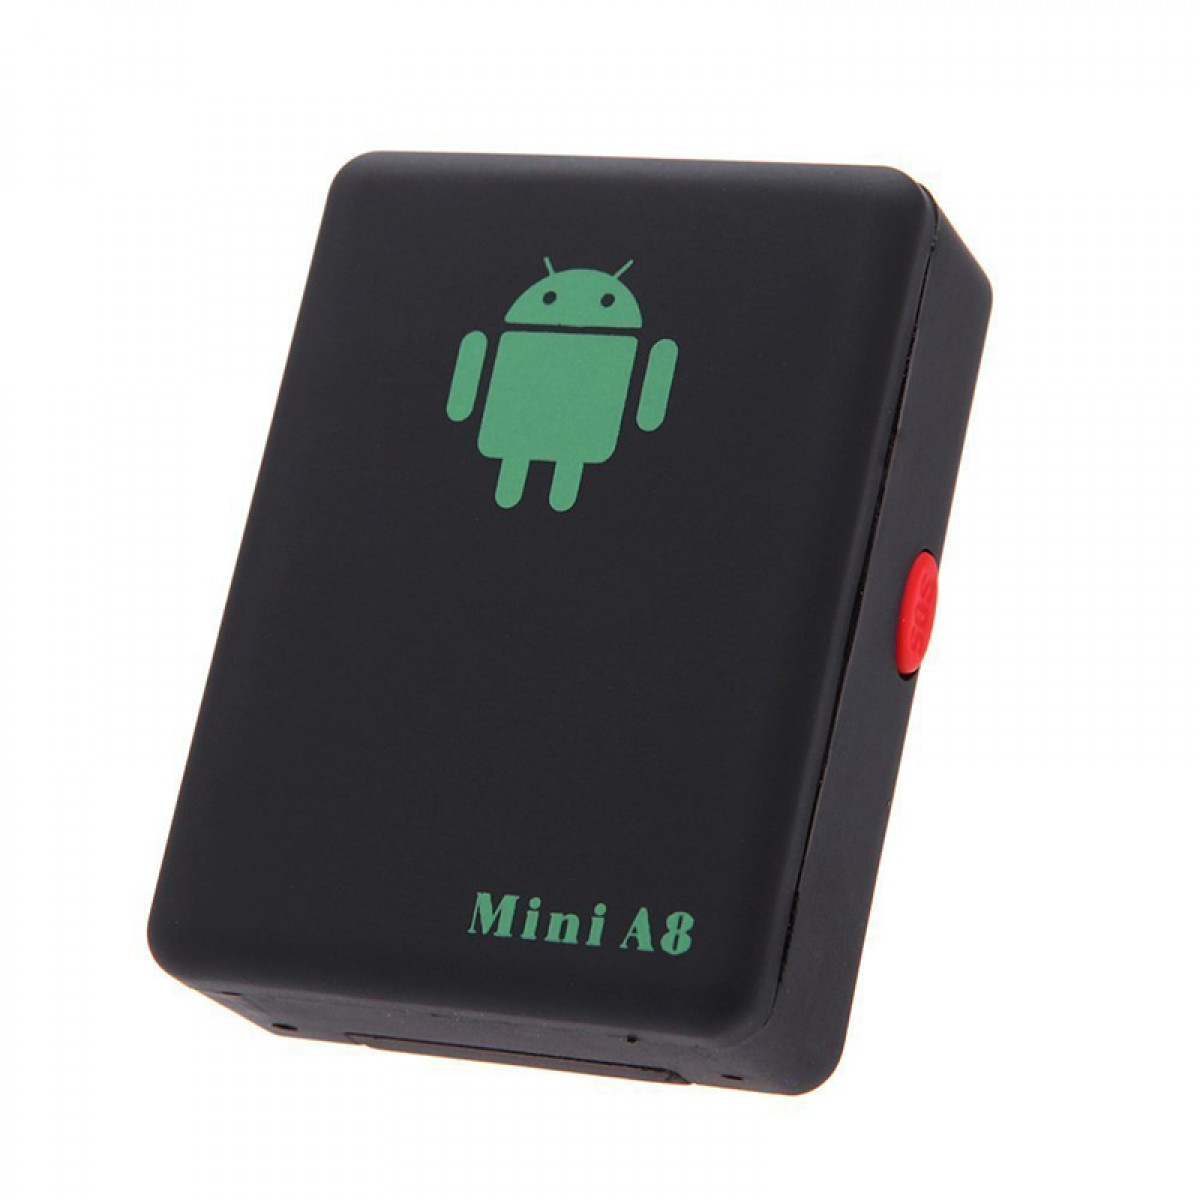 Κοριός απομακρυσμένης παρακολούθησης ήχου με GSM GPRS tracker – MINI A8– OEM